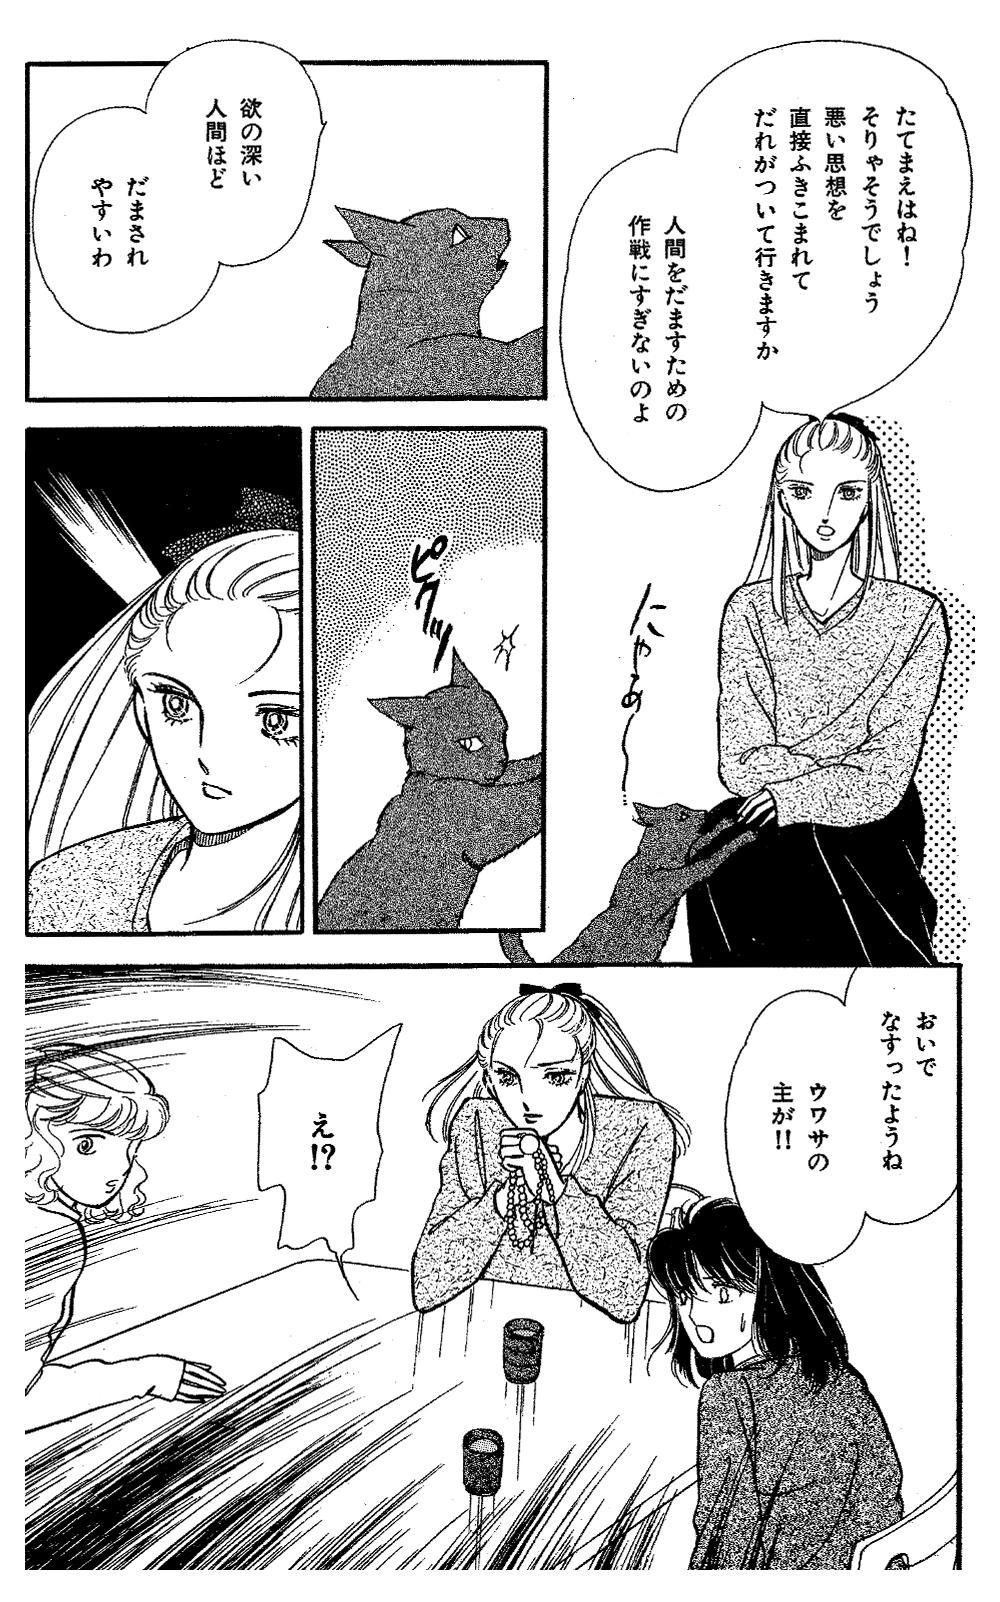 魔百合の恐怖報告  第2話「消えた黒猫」②mayuri08-04.jpg